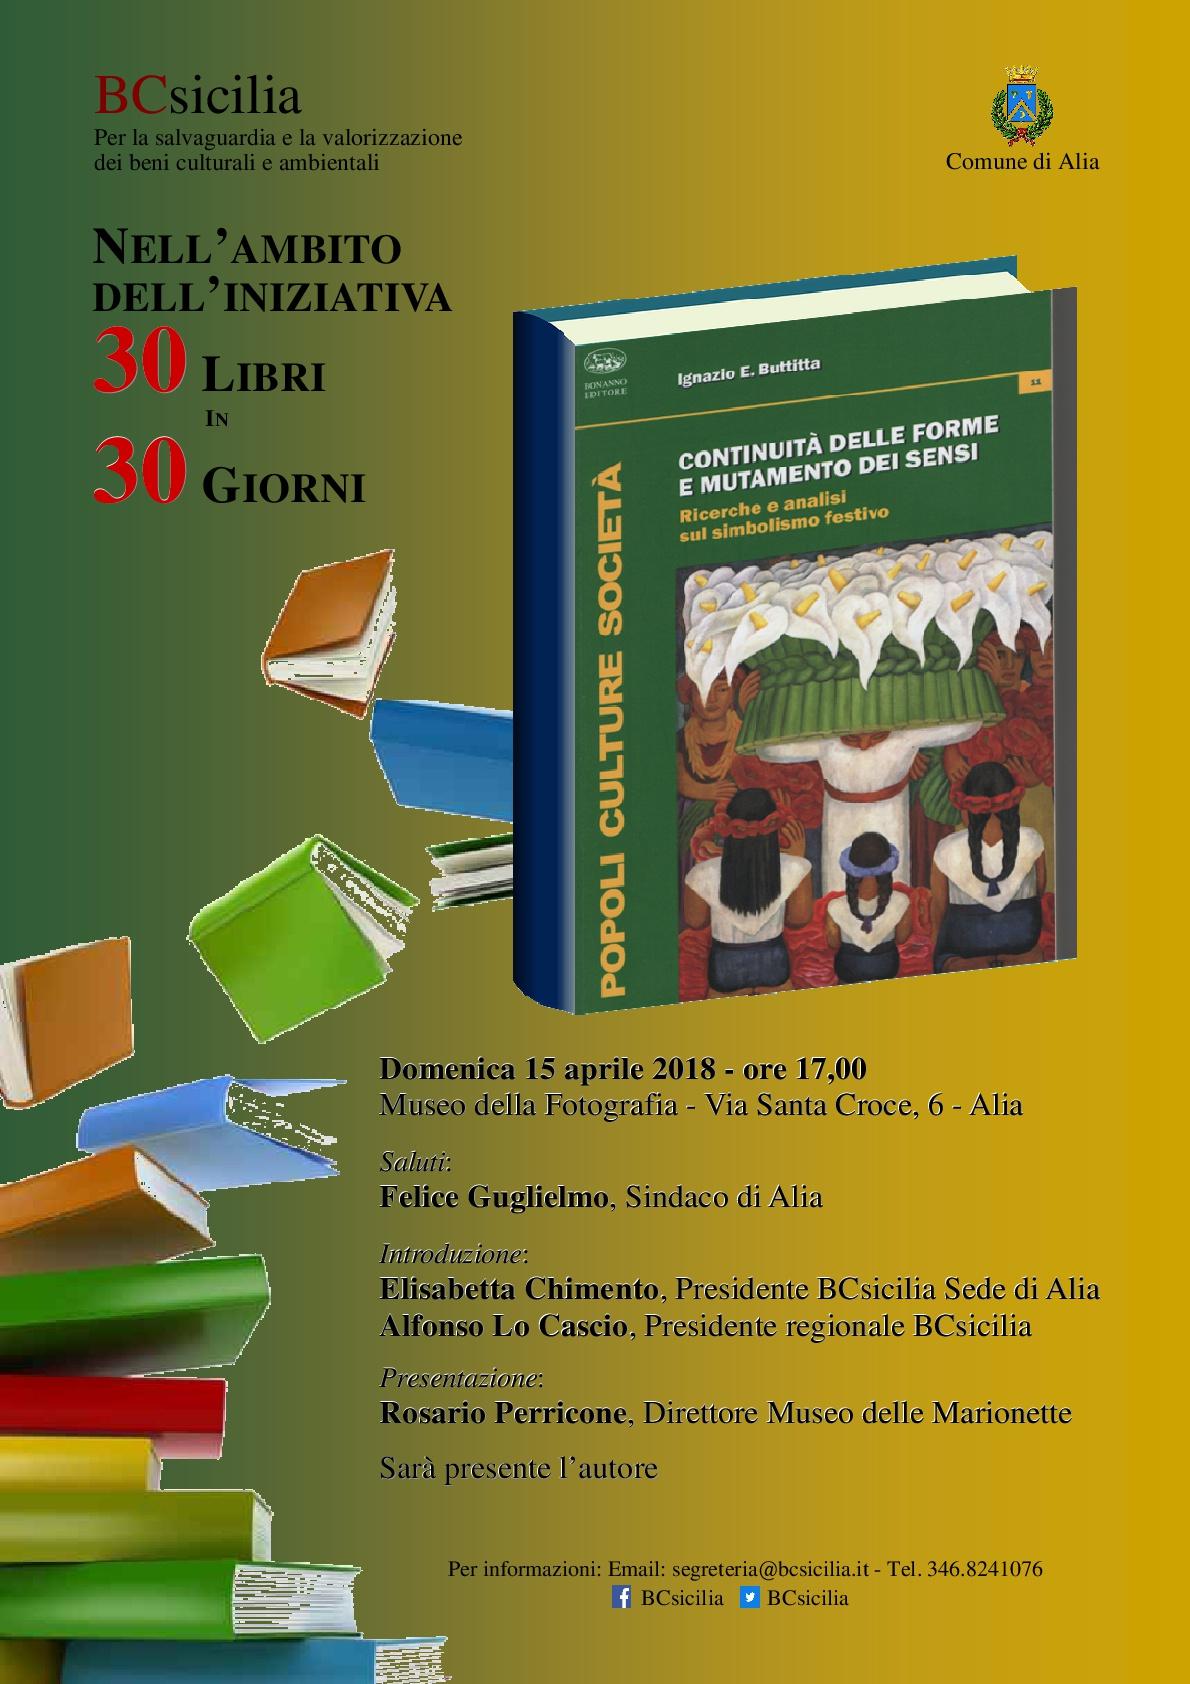 Locandina_Presentazione_Alia_libro_Buttitta-001.jpg - 459.88 kB